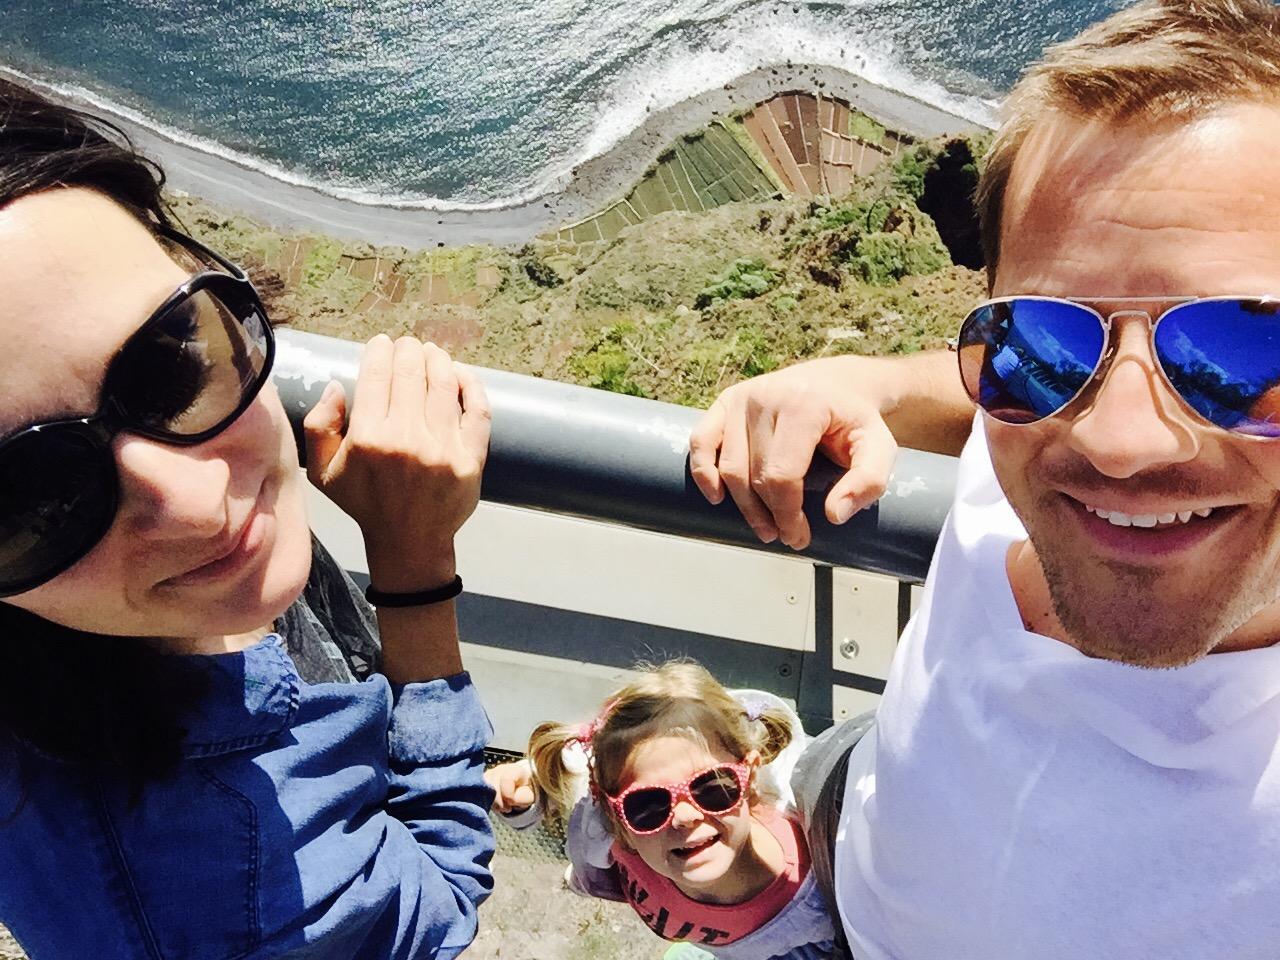 Familie auf der Aussichtsplattform Cabo Girao auf Madeira schaut von unten in die Kamera